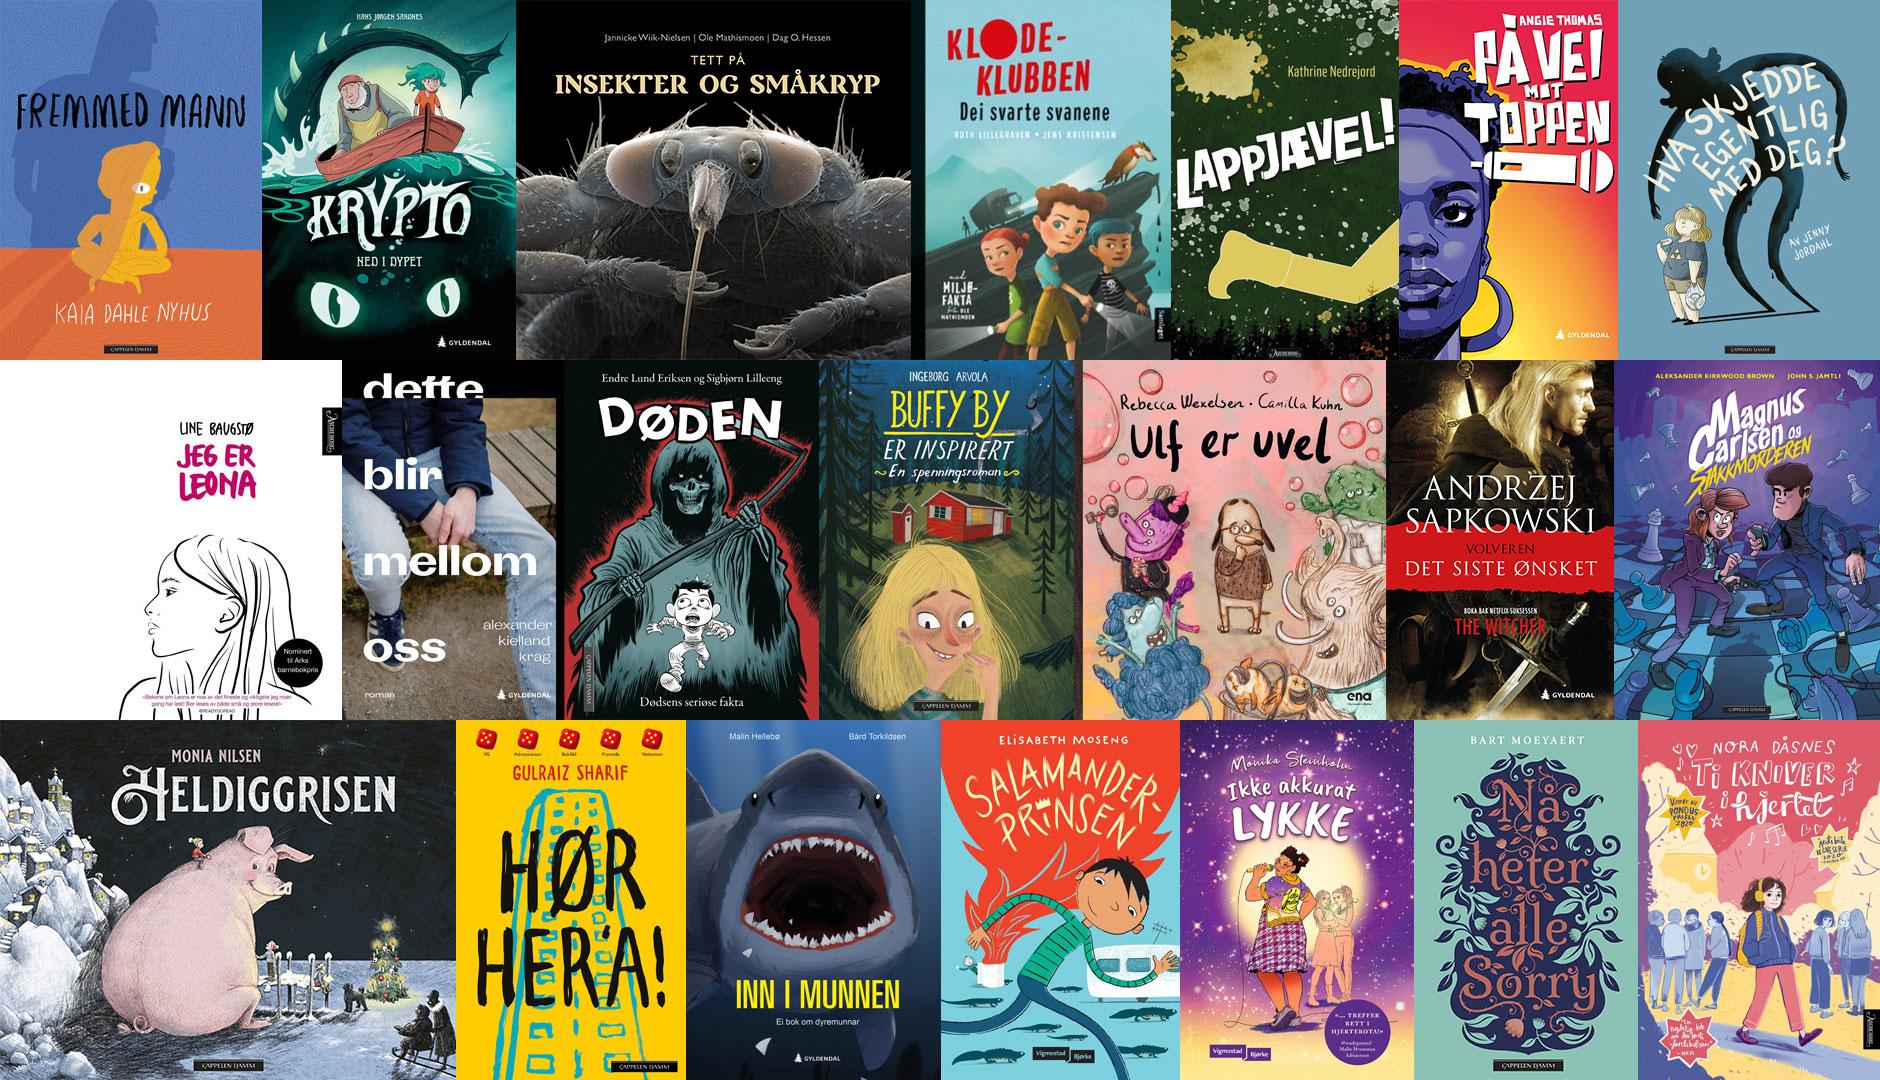 Nominasjoner til Kulturdepartementets priser for barne- og ungdomslitteratur utgitt i 2020